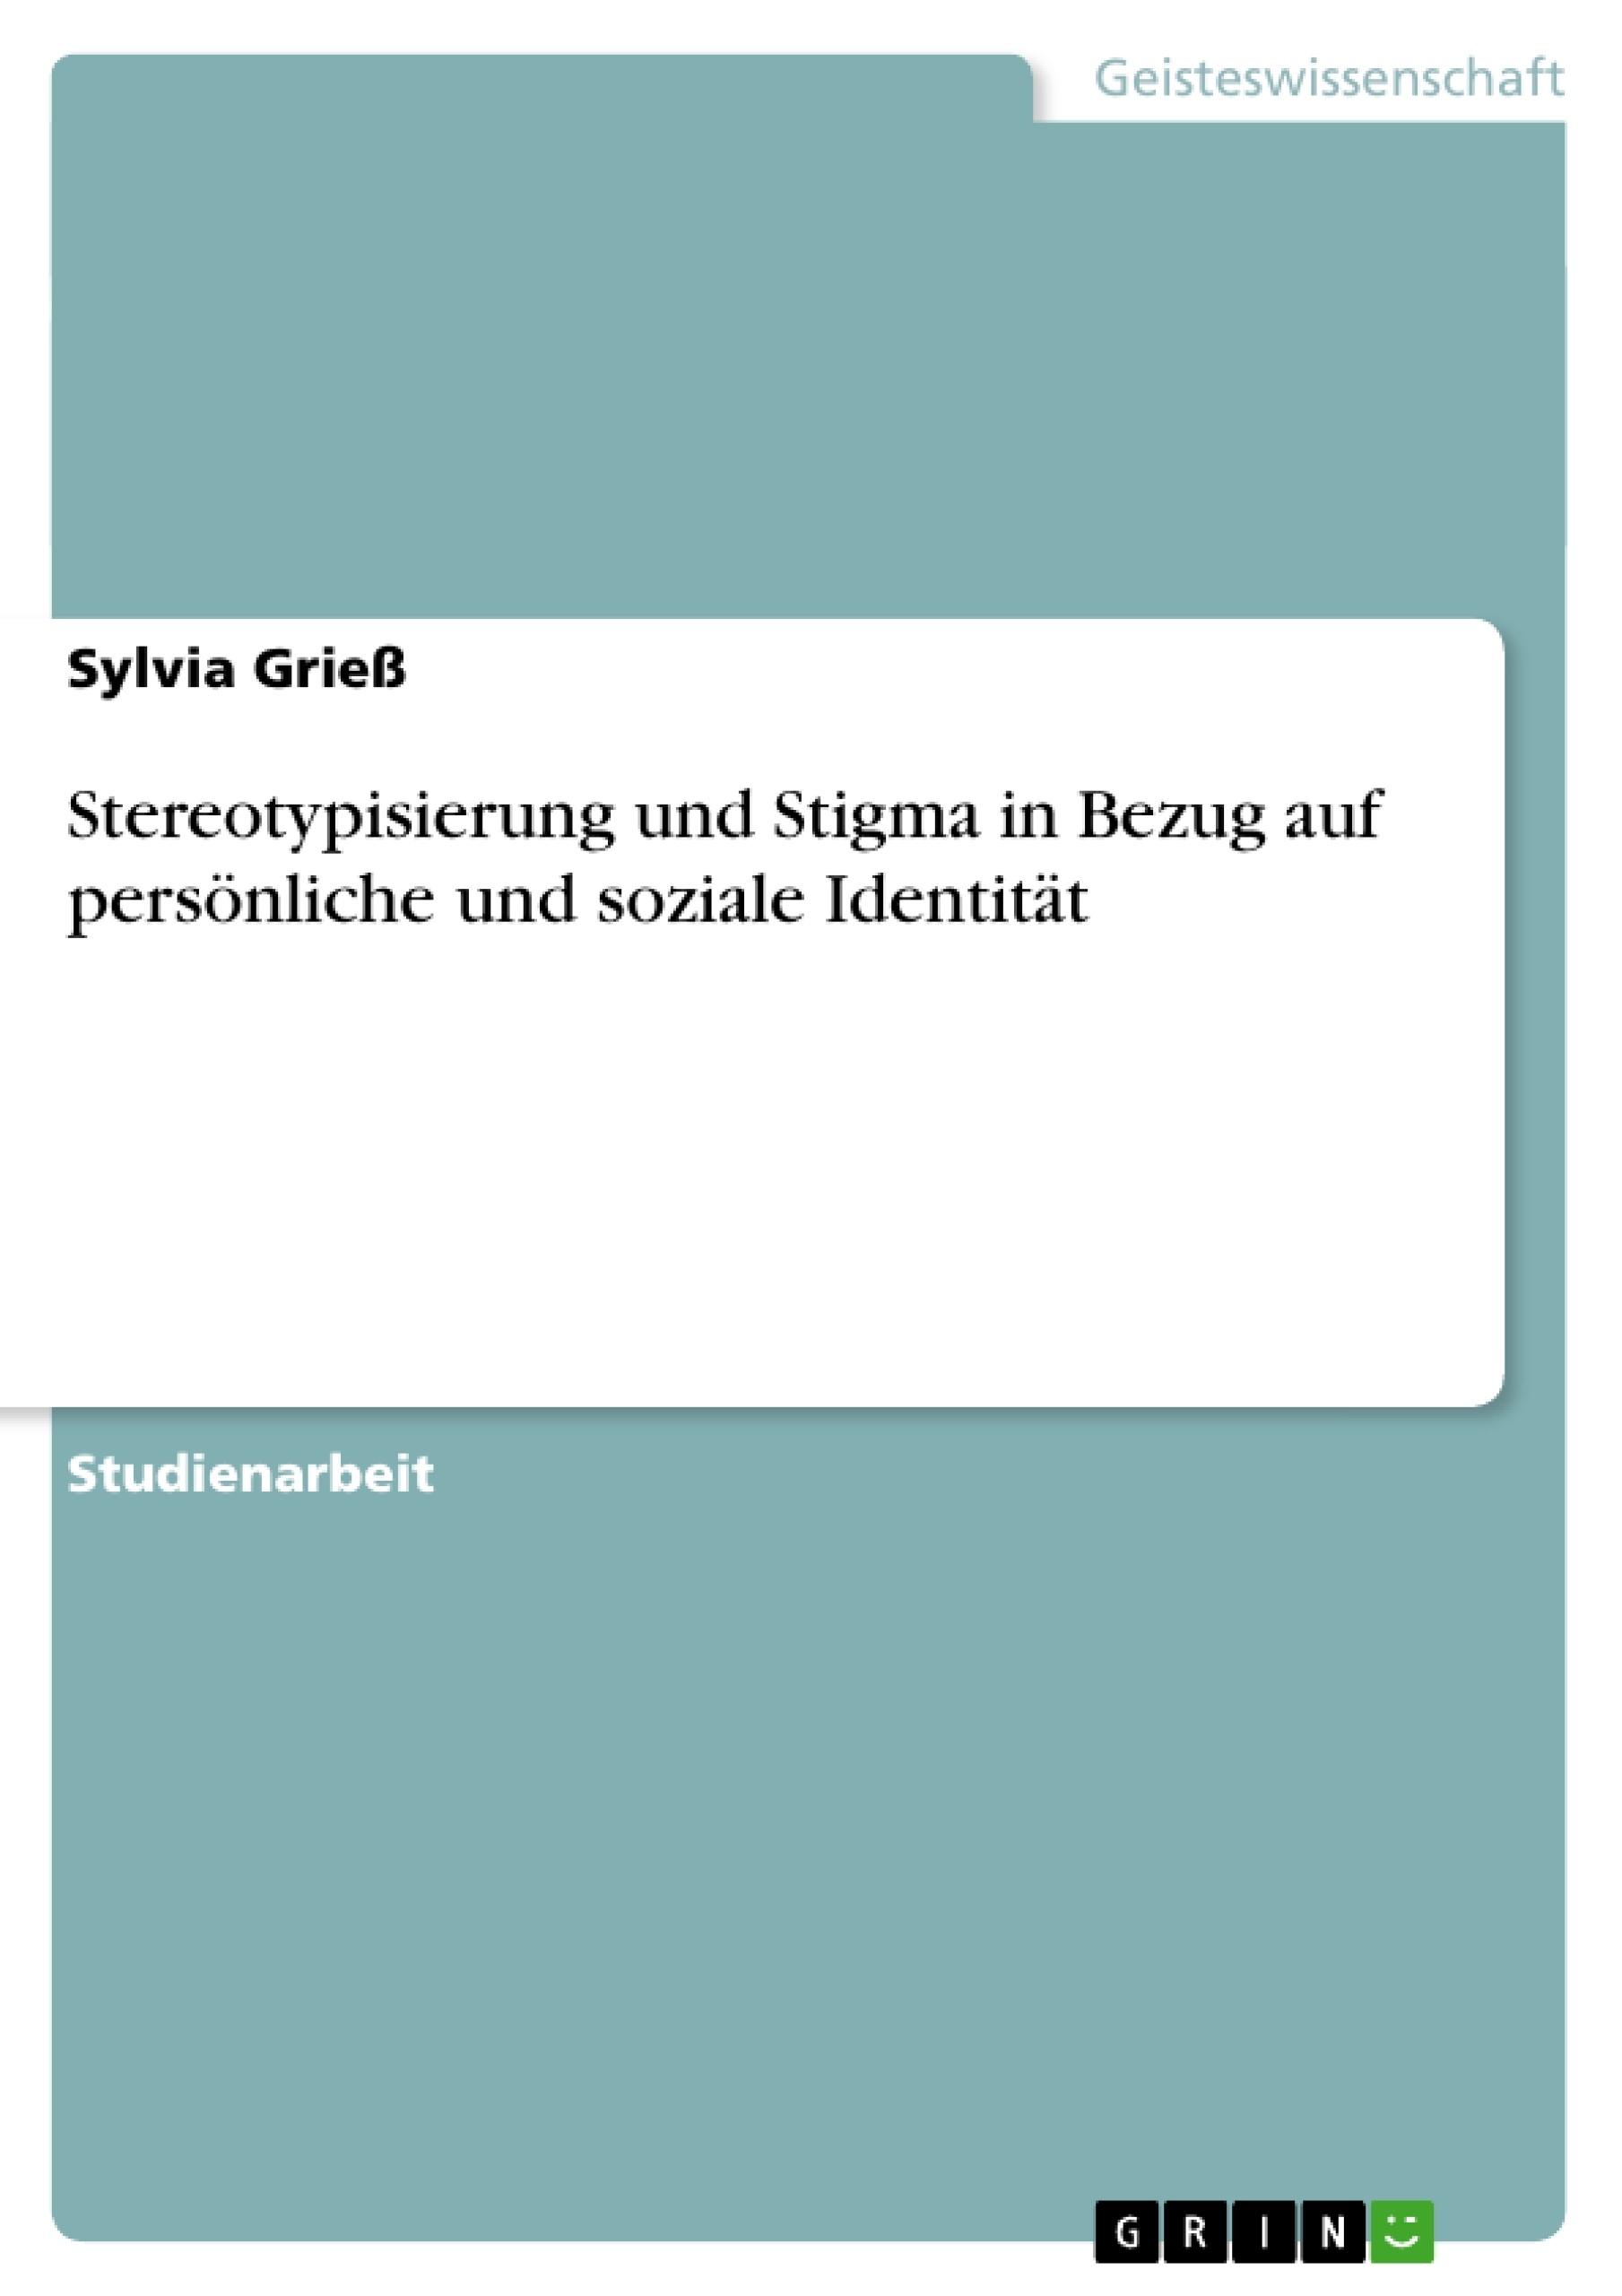 Titel: Stereotypisierung und Stigma in Bezug auf persönliche und soziale Identität